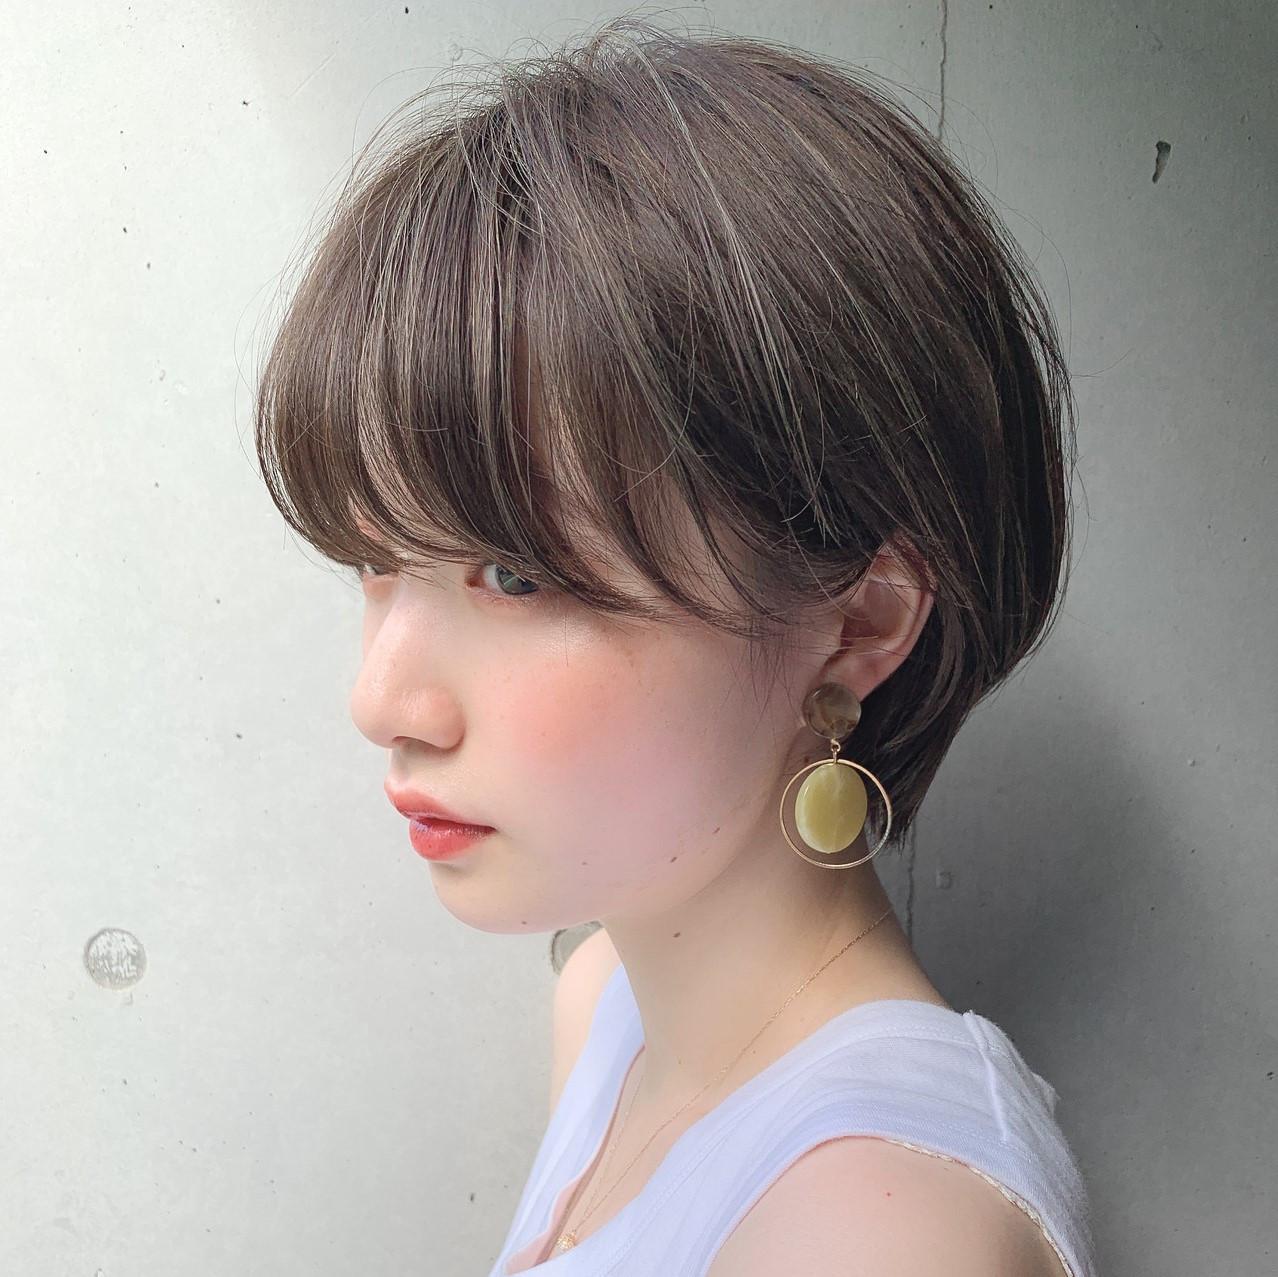 <長さ別>髪型に求めることは「かわいい」「かっこいい」どっち派?